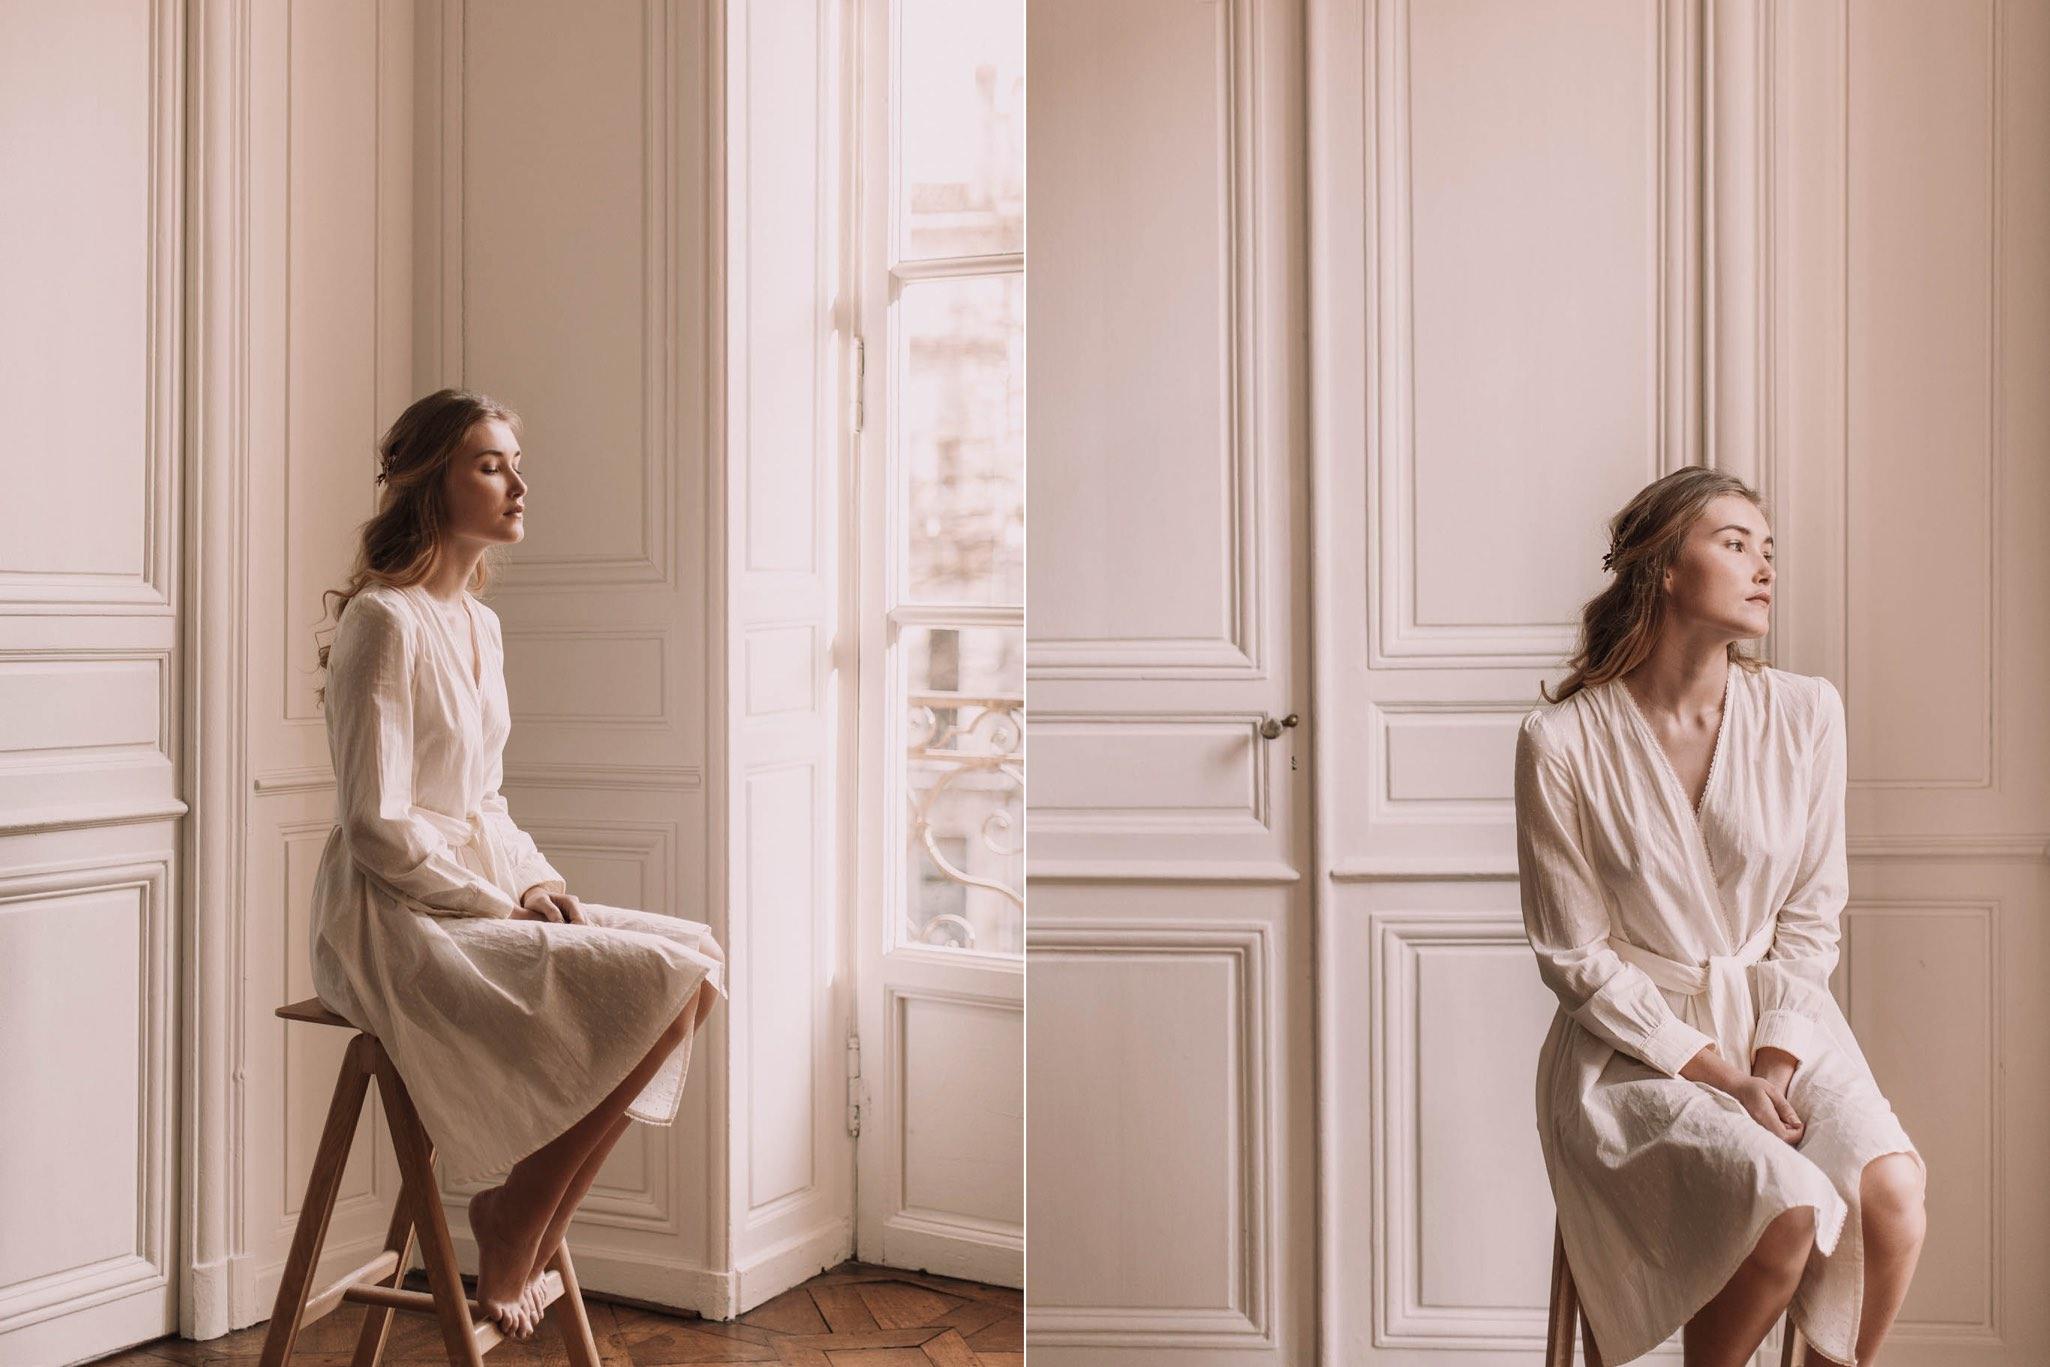 photographe-mariage-bordeaux-jeremy-boyer-white-minimal-17.jpg